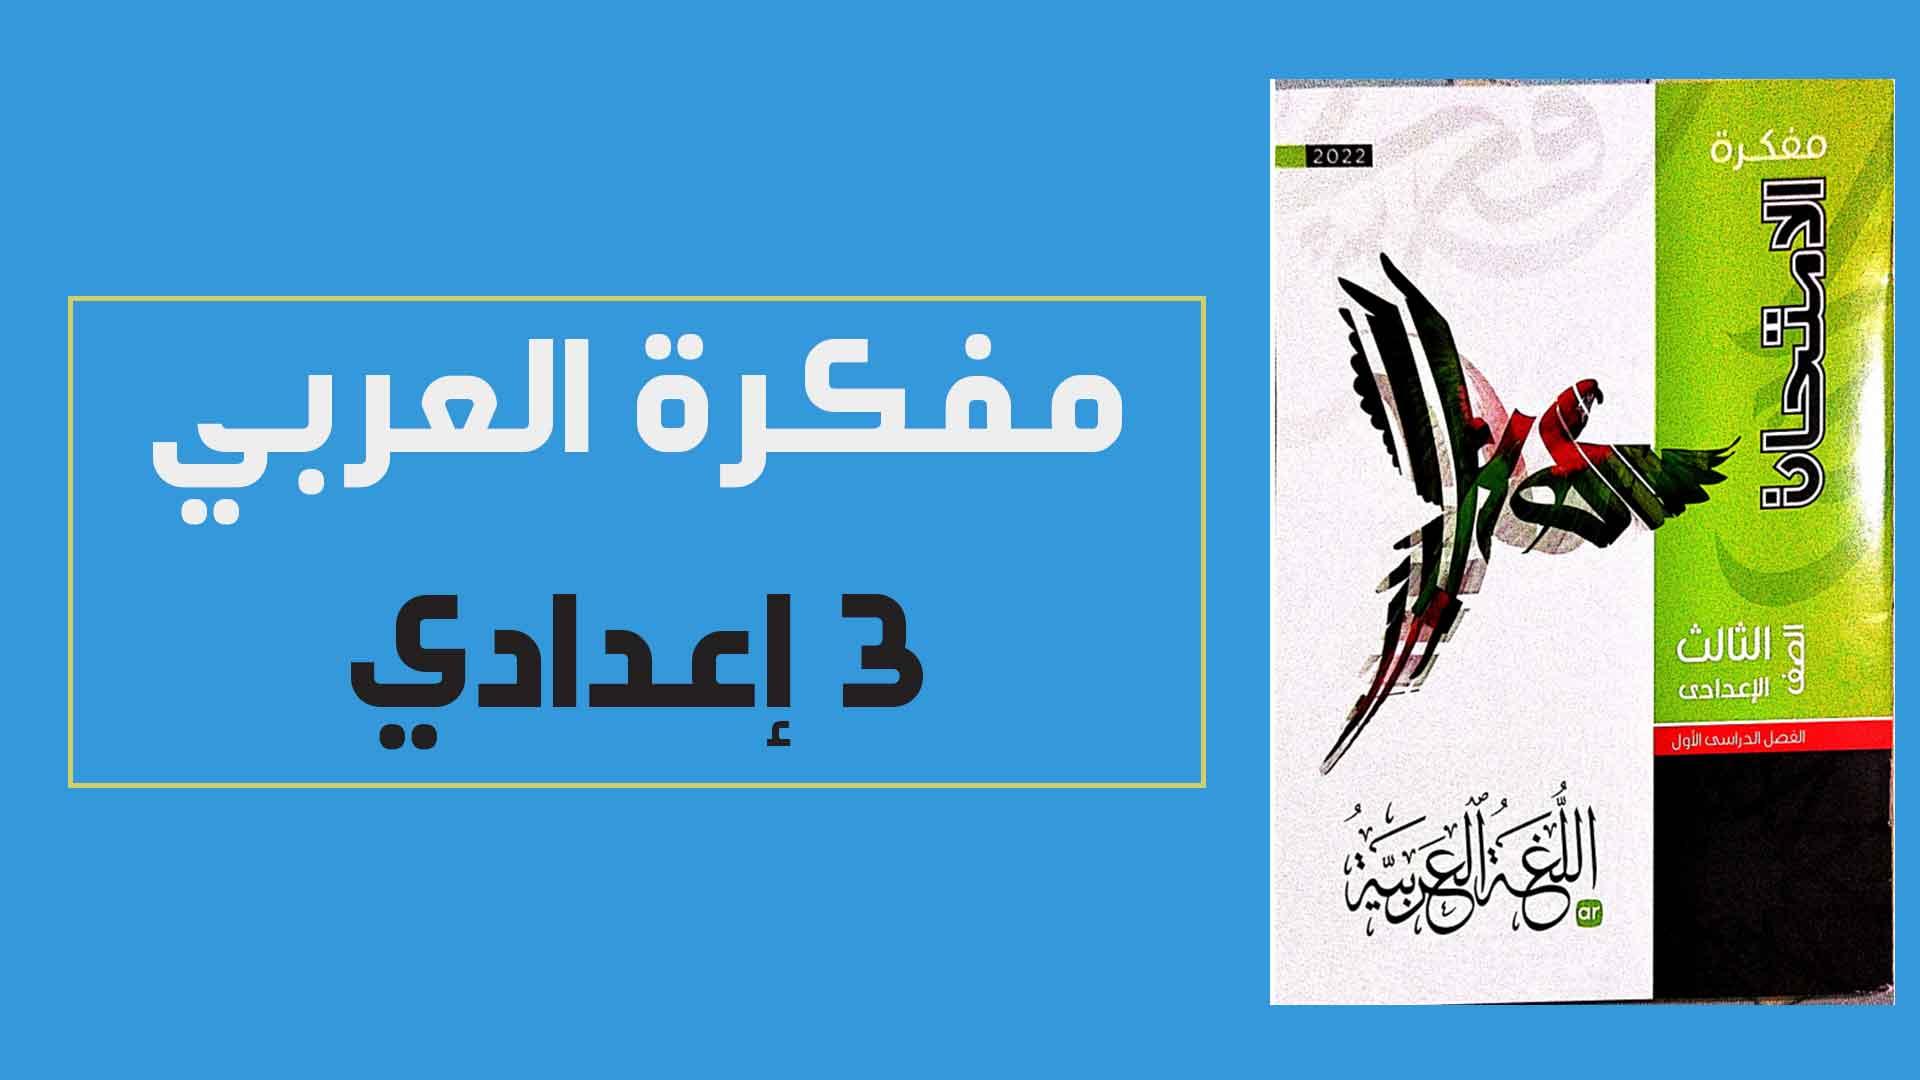 تحميل مفكرة كتاب الامتحان فى اللغة العربية للصف الثالث الاعدادى الترم الاول 2022 pdf